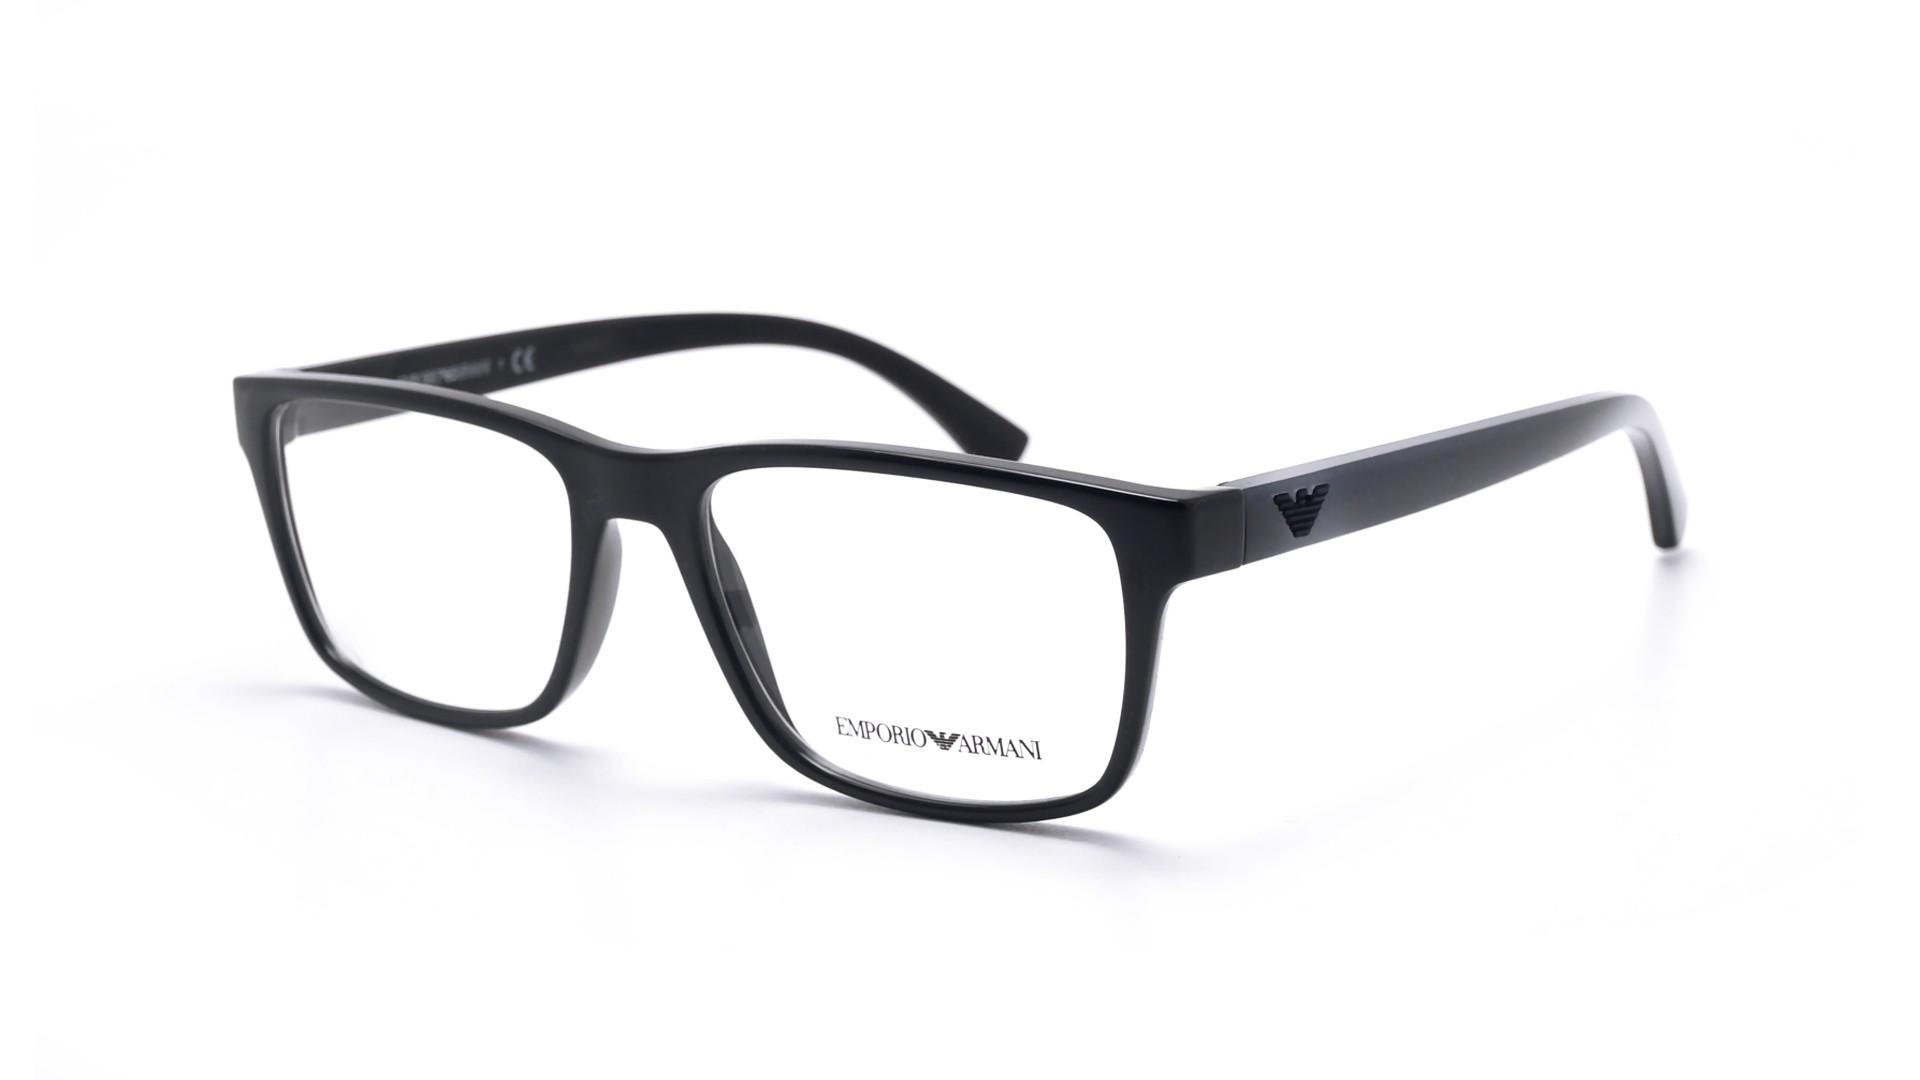 Eyeglasses Emporio Armani EA3103 5017 53-17 Black Medium 6abfbb01ce29